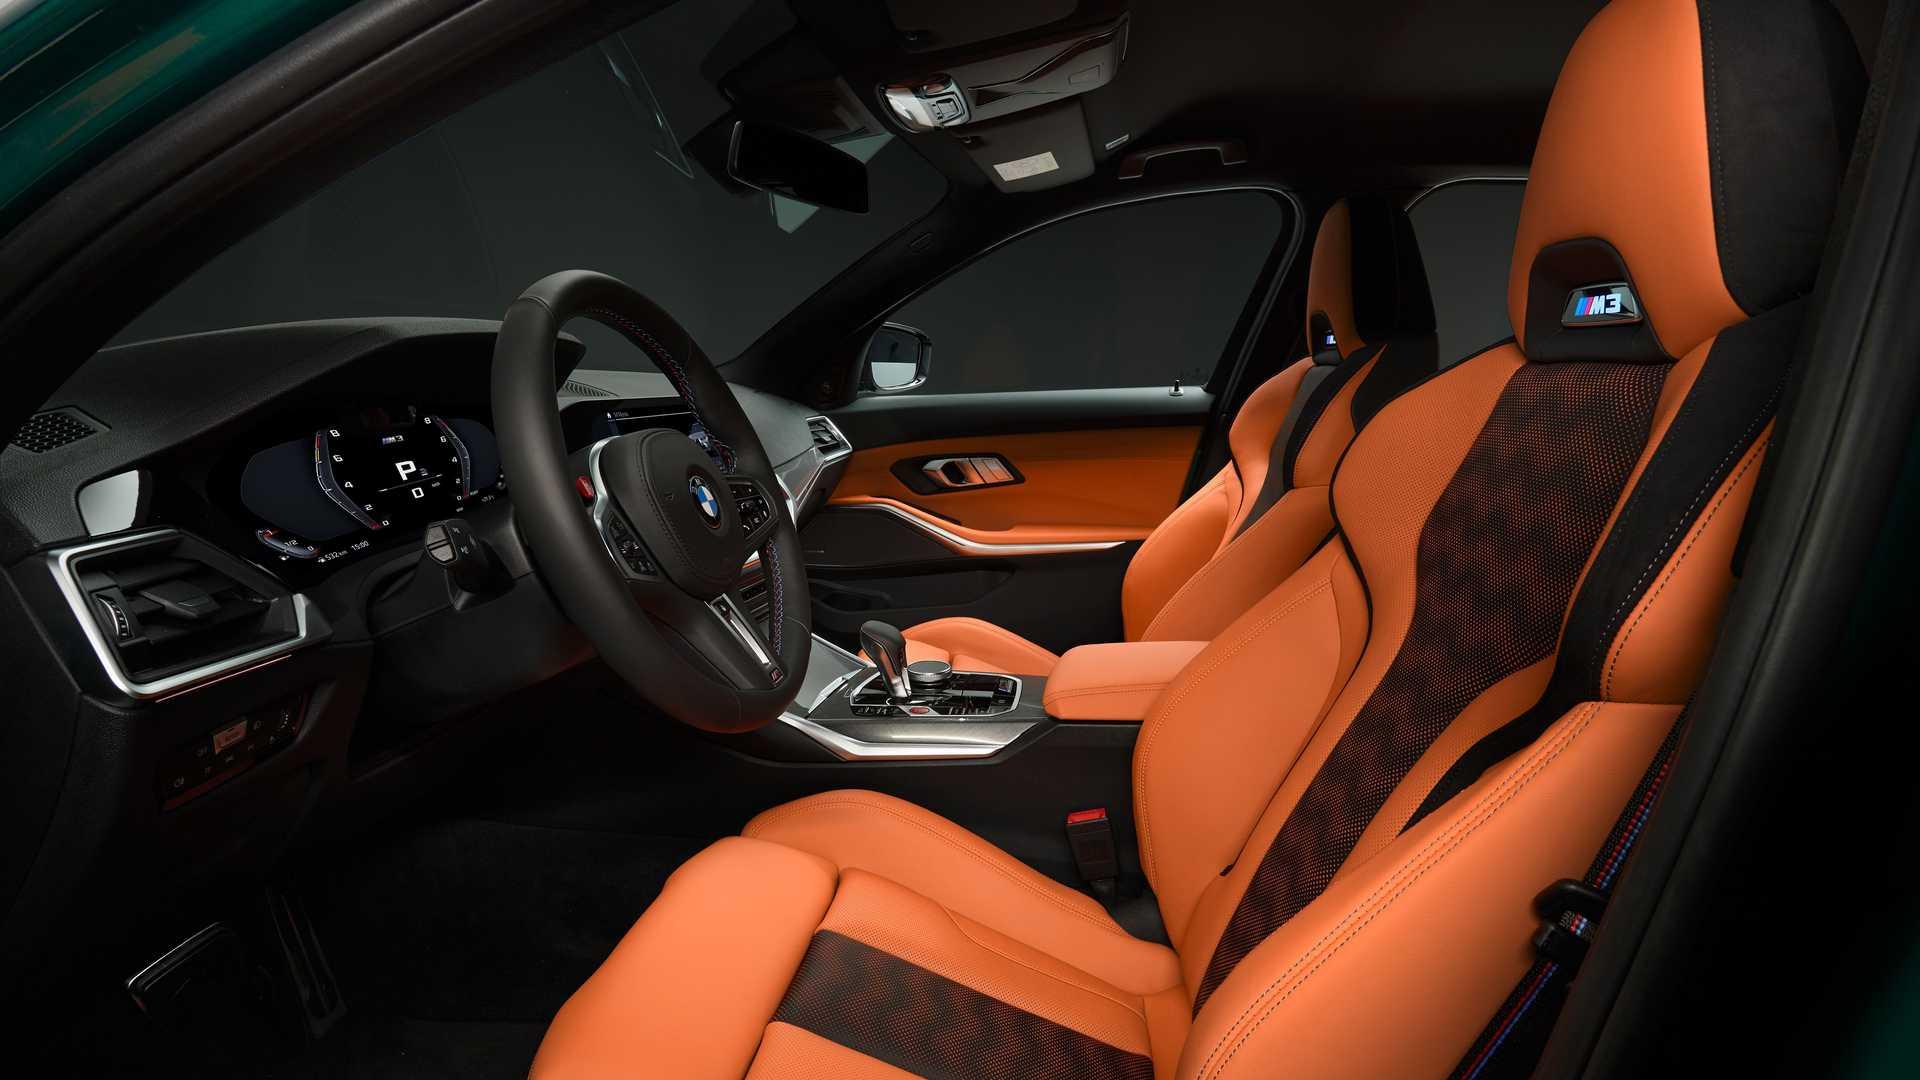 2021 BMW M3 Seats